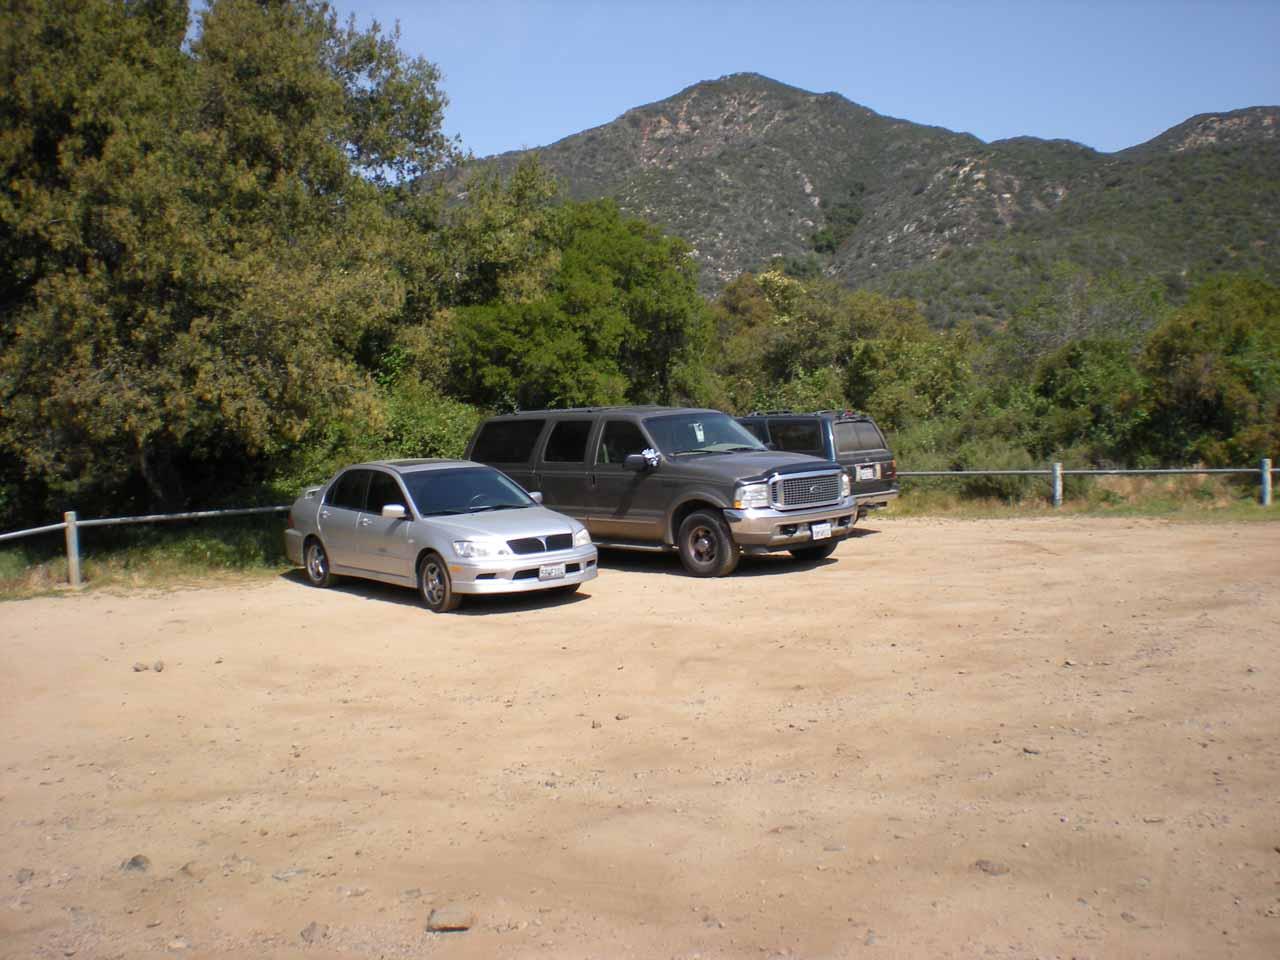 Car park for Tenaja Falls